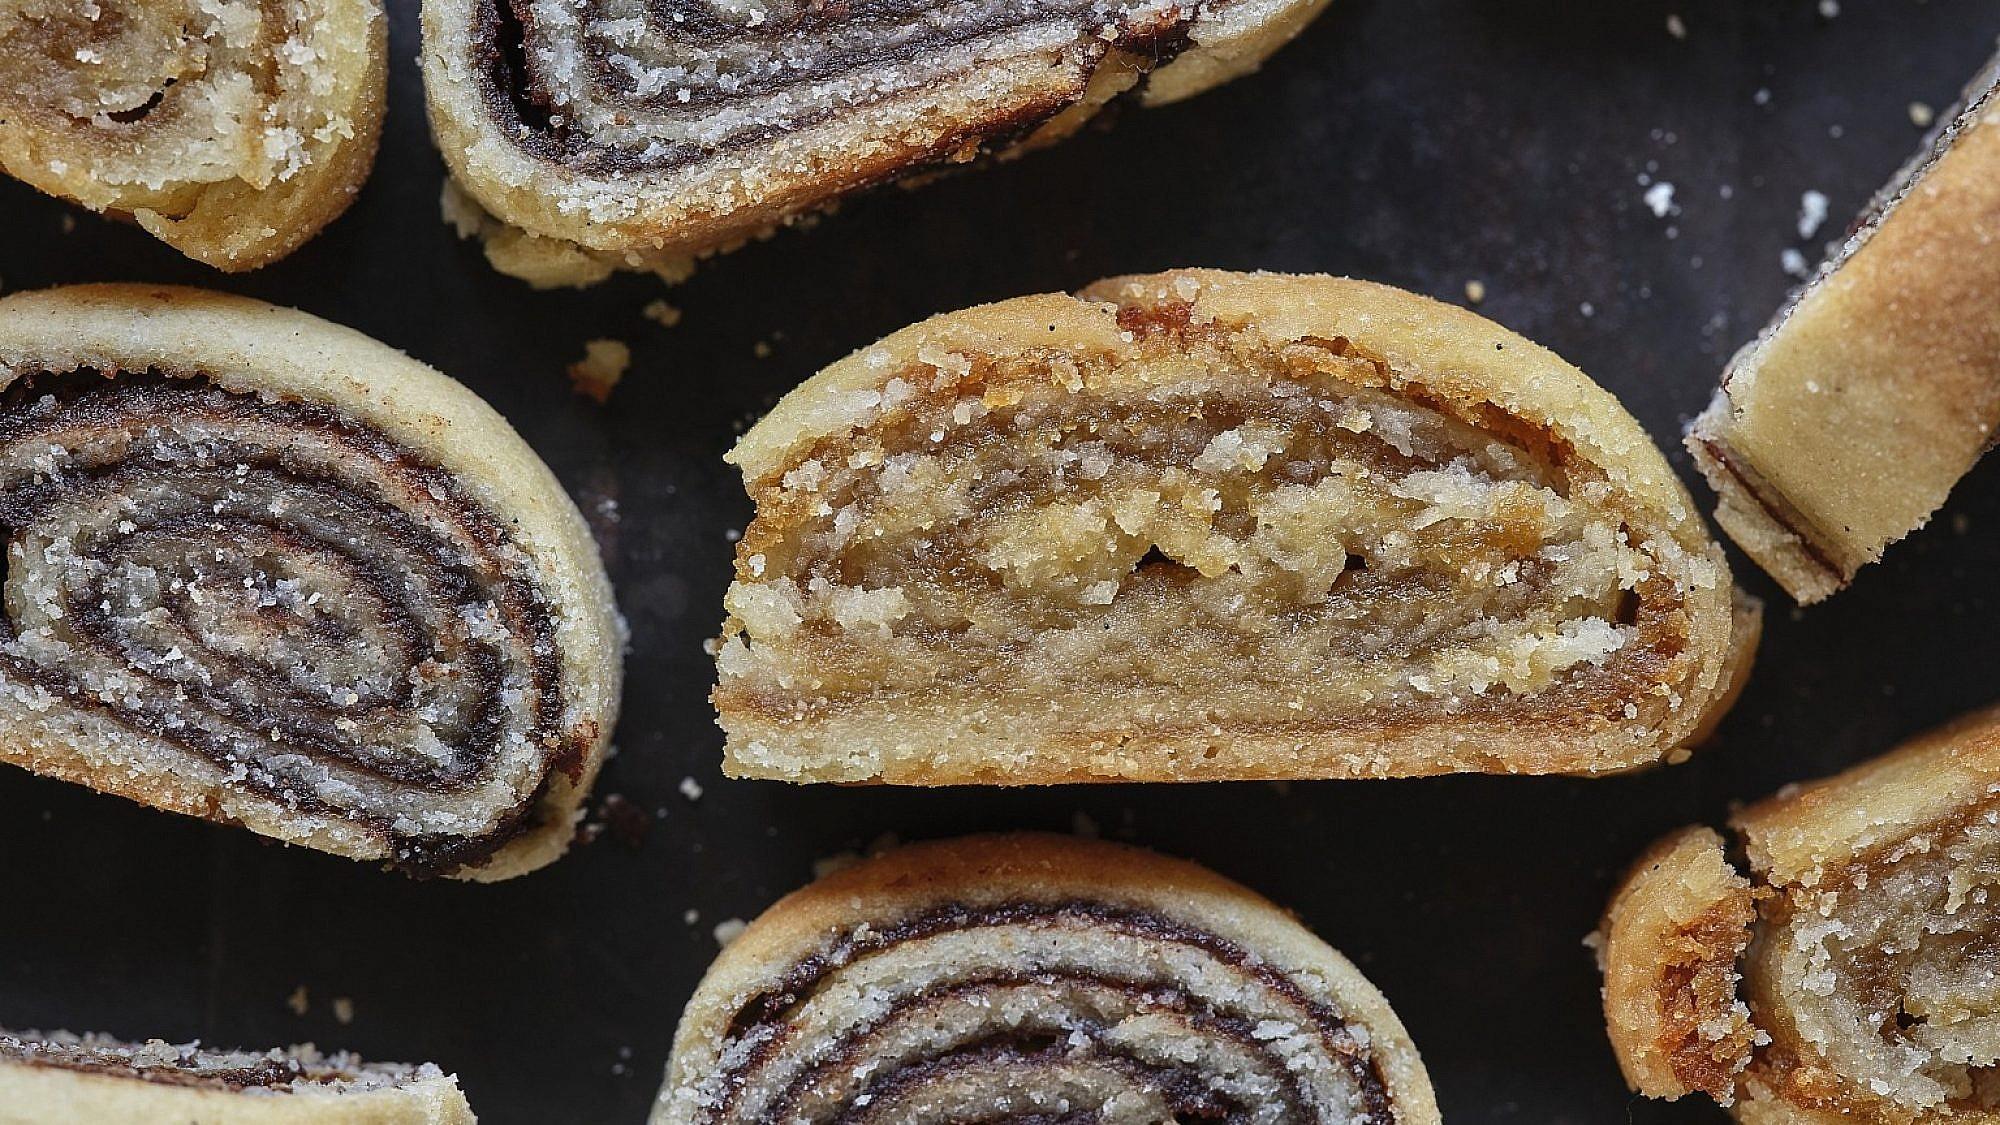 עוגיות מגולגלות בשלושה מילויים של שף-קונדיטורית הילי גרינברג. צילום: אנטולי מיכאלו. סטיילינג: דינה אוסטרובסקי וירדן יעקובי